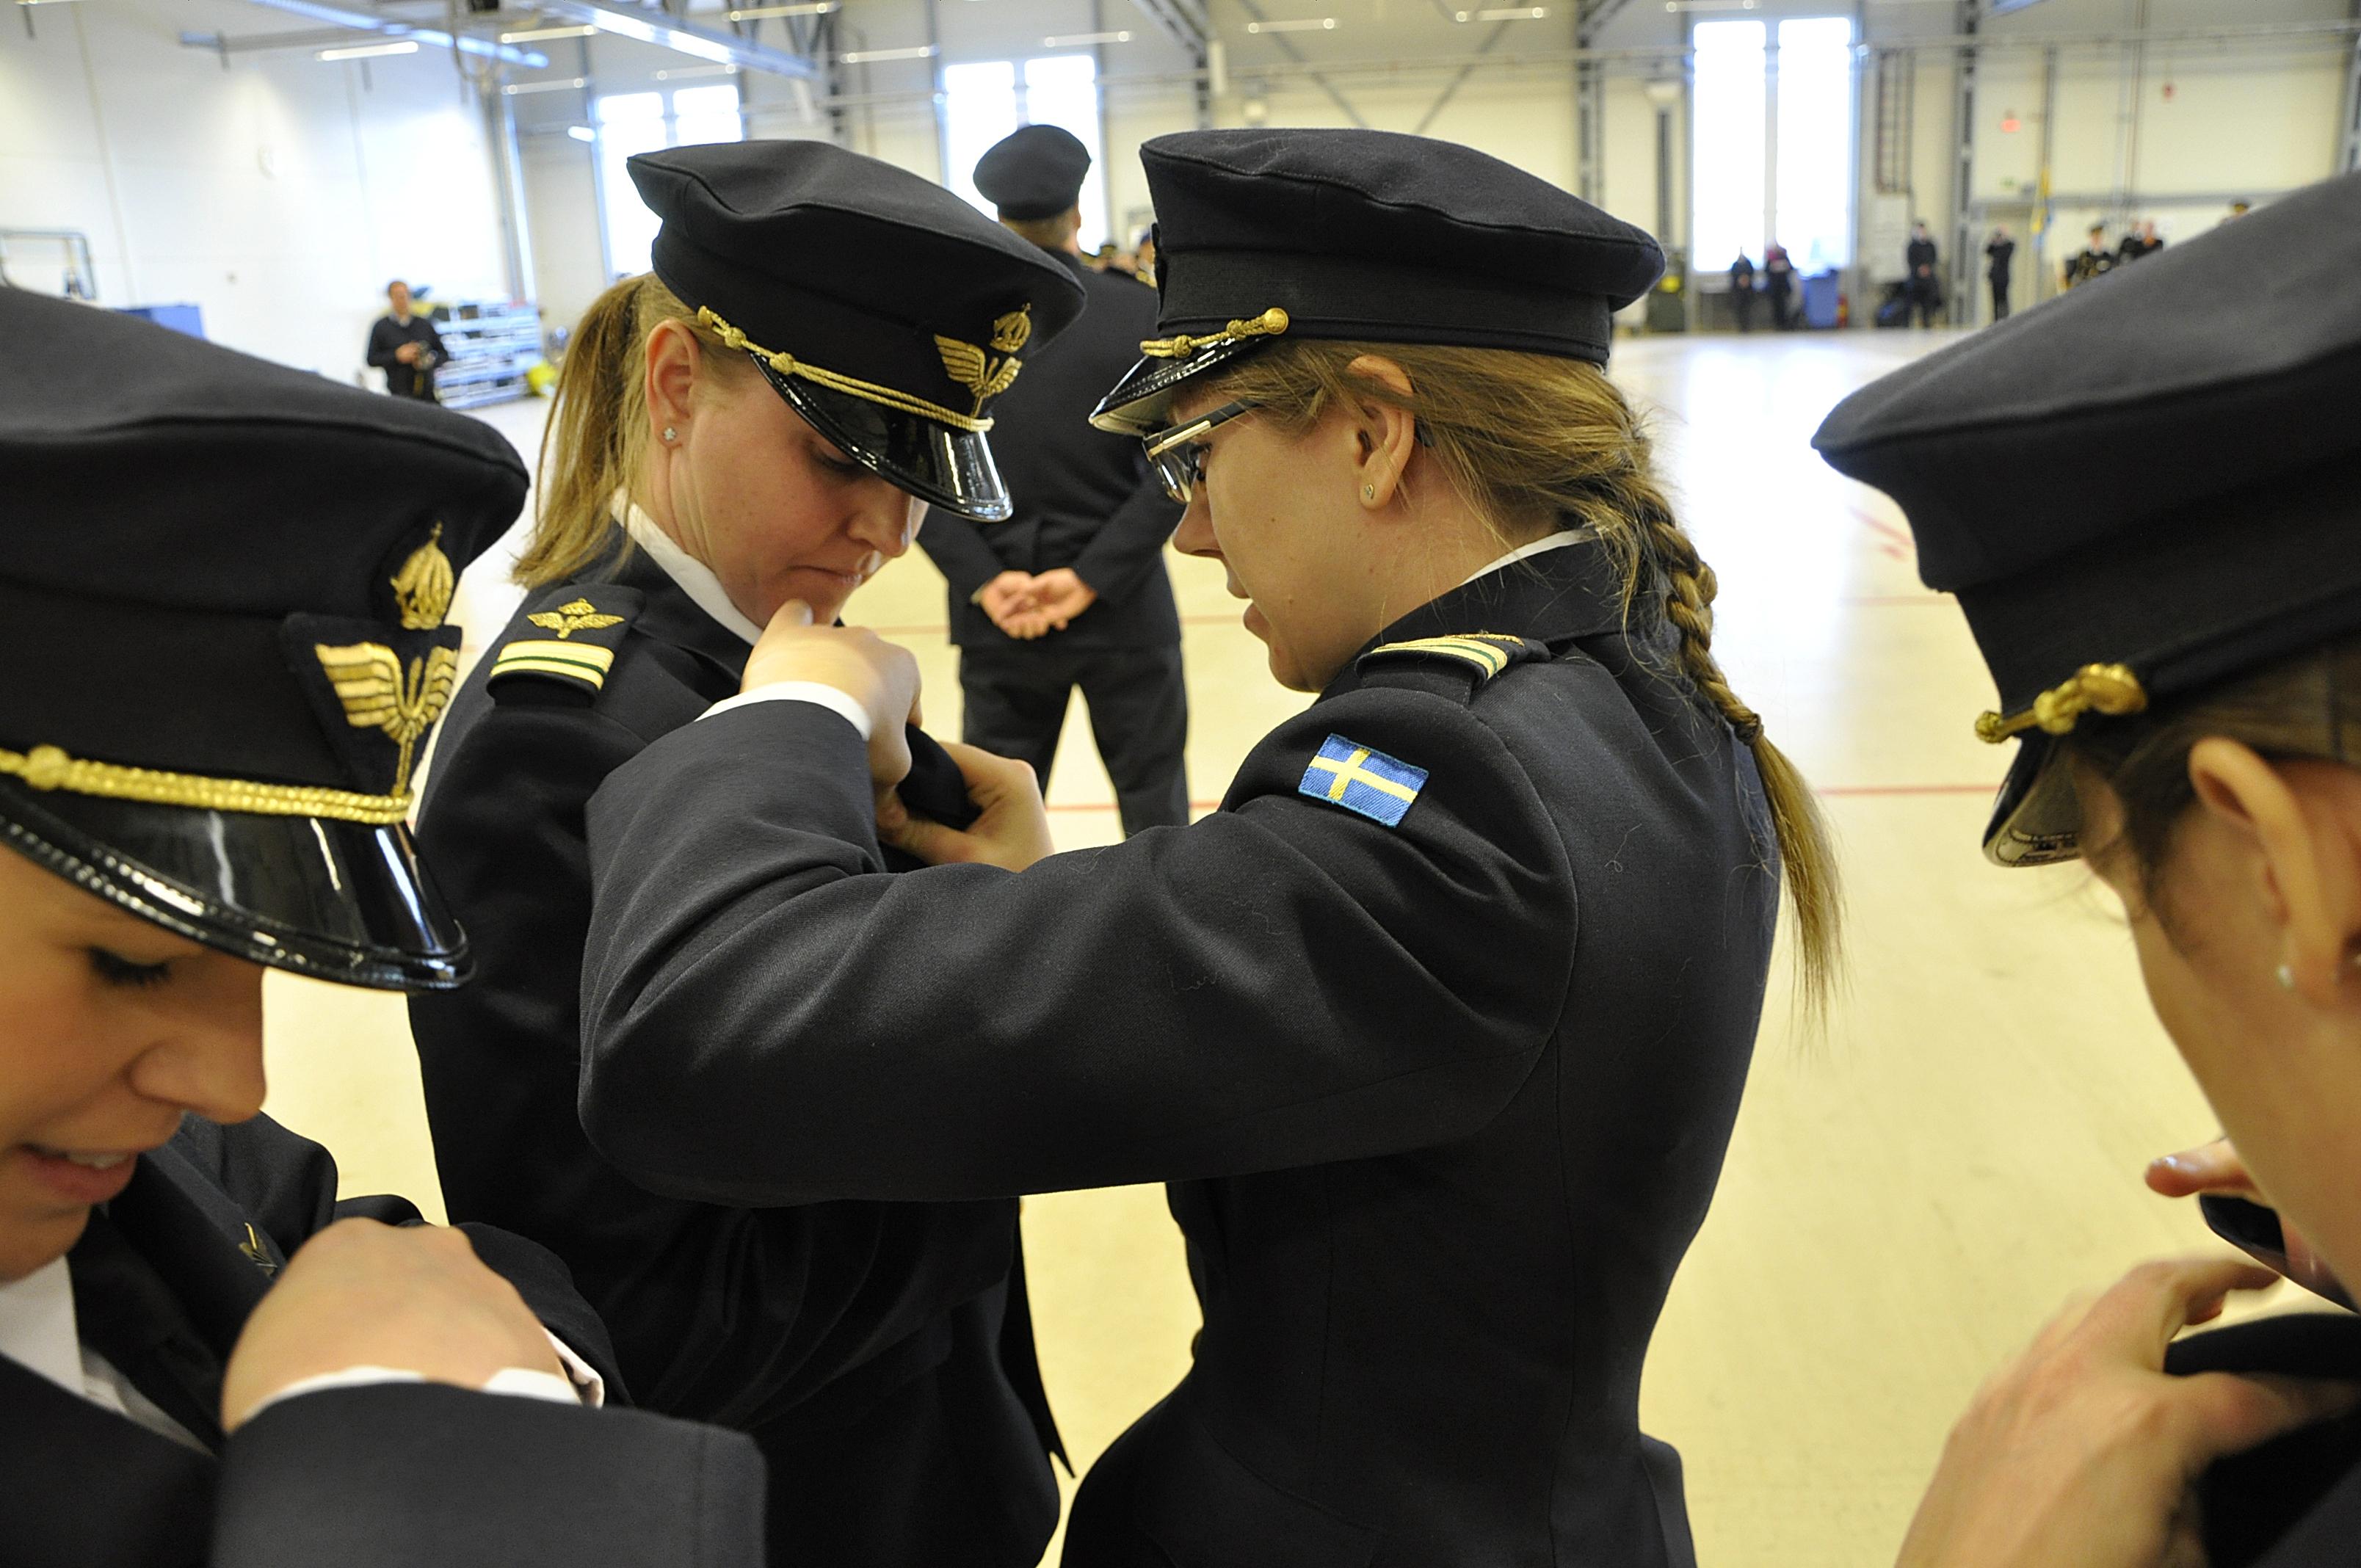 Meteorologen lt Charlotte Boström hjälper sin kamrat att anbringa meteorologmärket på uniformen.